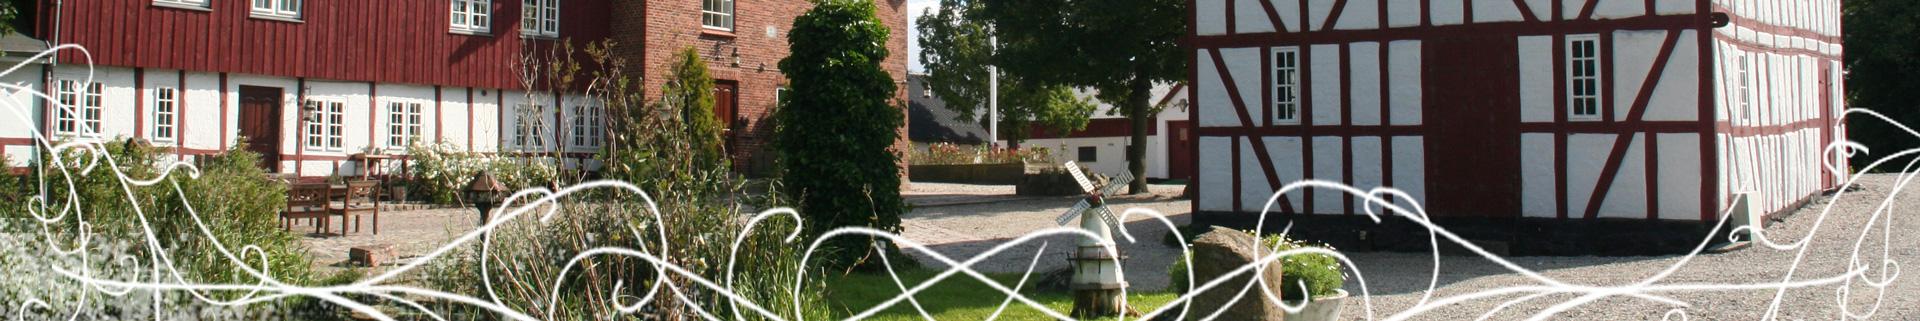 Gl.-Estrup-gartneri-hovedbygning-3